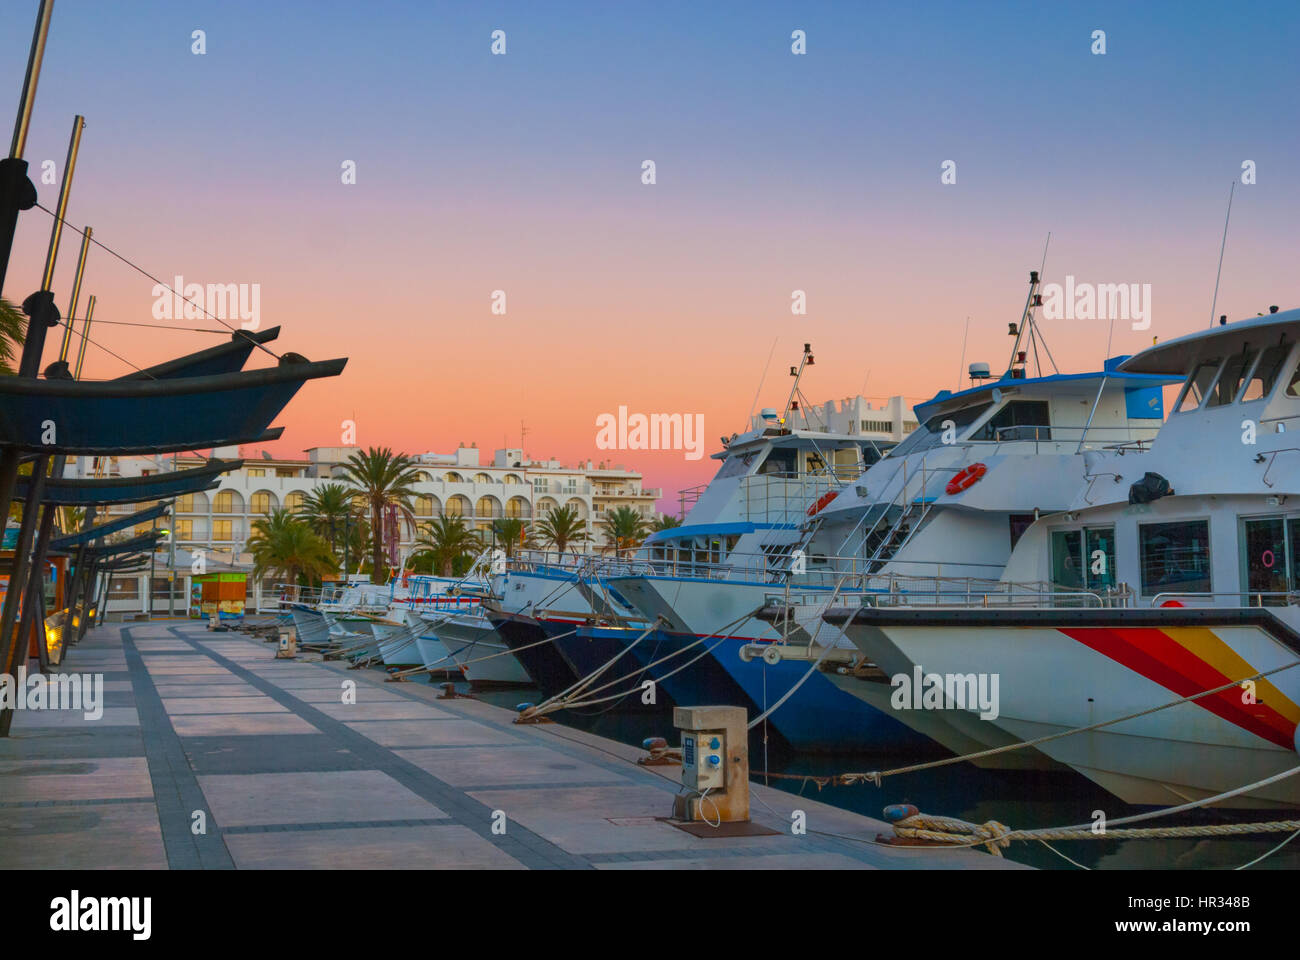 Barche in per la sera nel porto Marina sotto drammatico tramonto magenta colore . Fine di un giorno caldo e soleggiato Immagini Stock